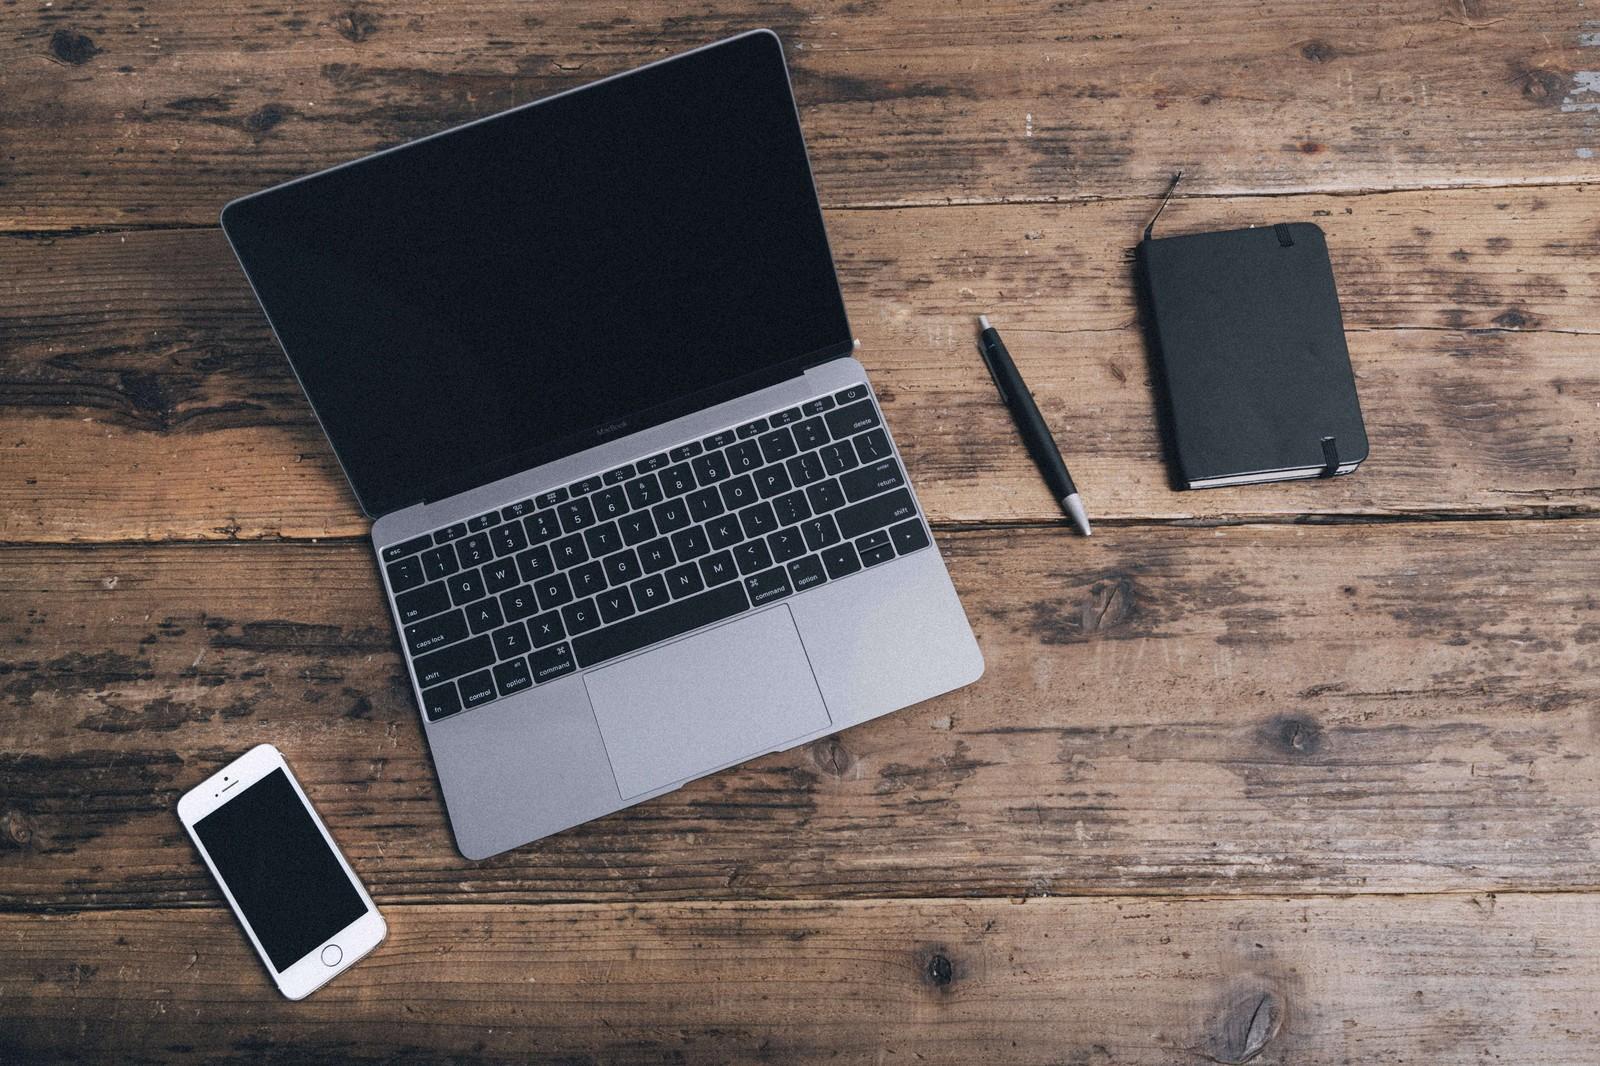 個人事業主・小規模企業者のためのネットショップ開設ワークショップ